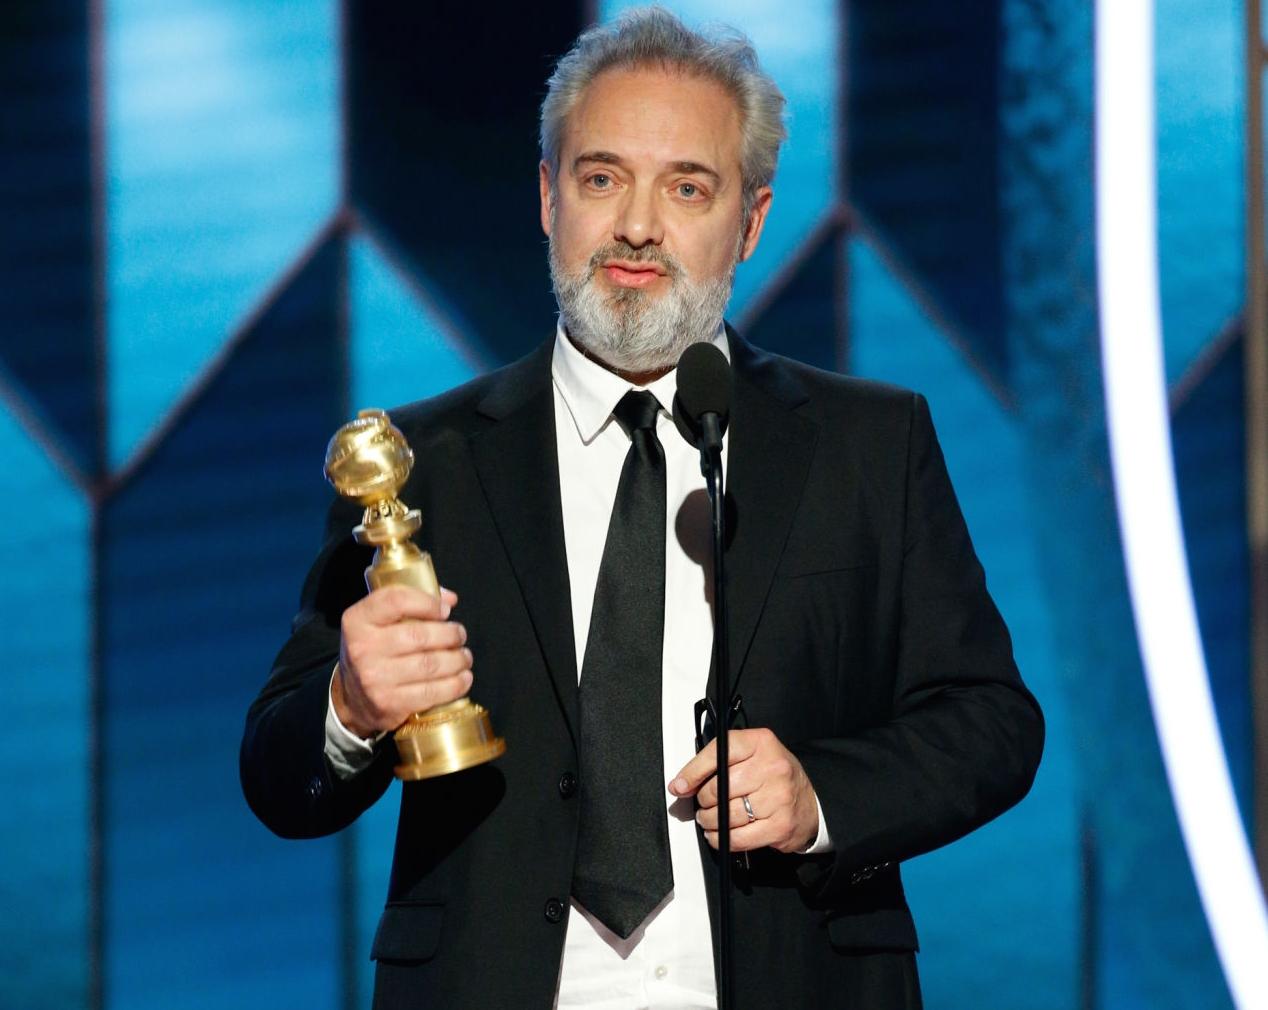 Đạo diễn đã bất ngờ vượt qua 4 ứng cử viên nặng ký để thắng giải Đạo diễn xuất sắc